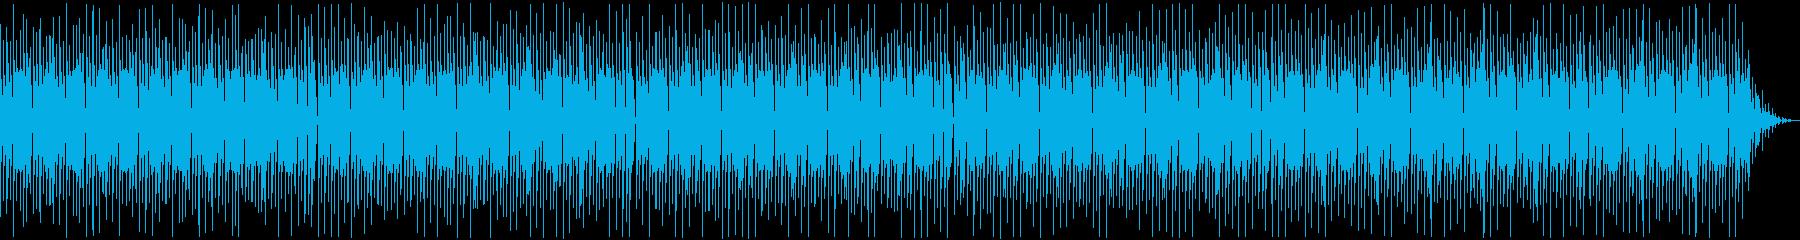 ほのぼのBGM!スロー(バンドのみ)の再生済みの波形